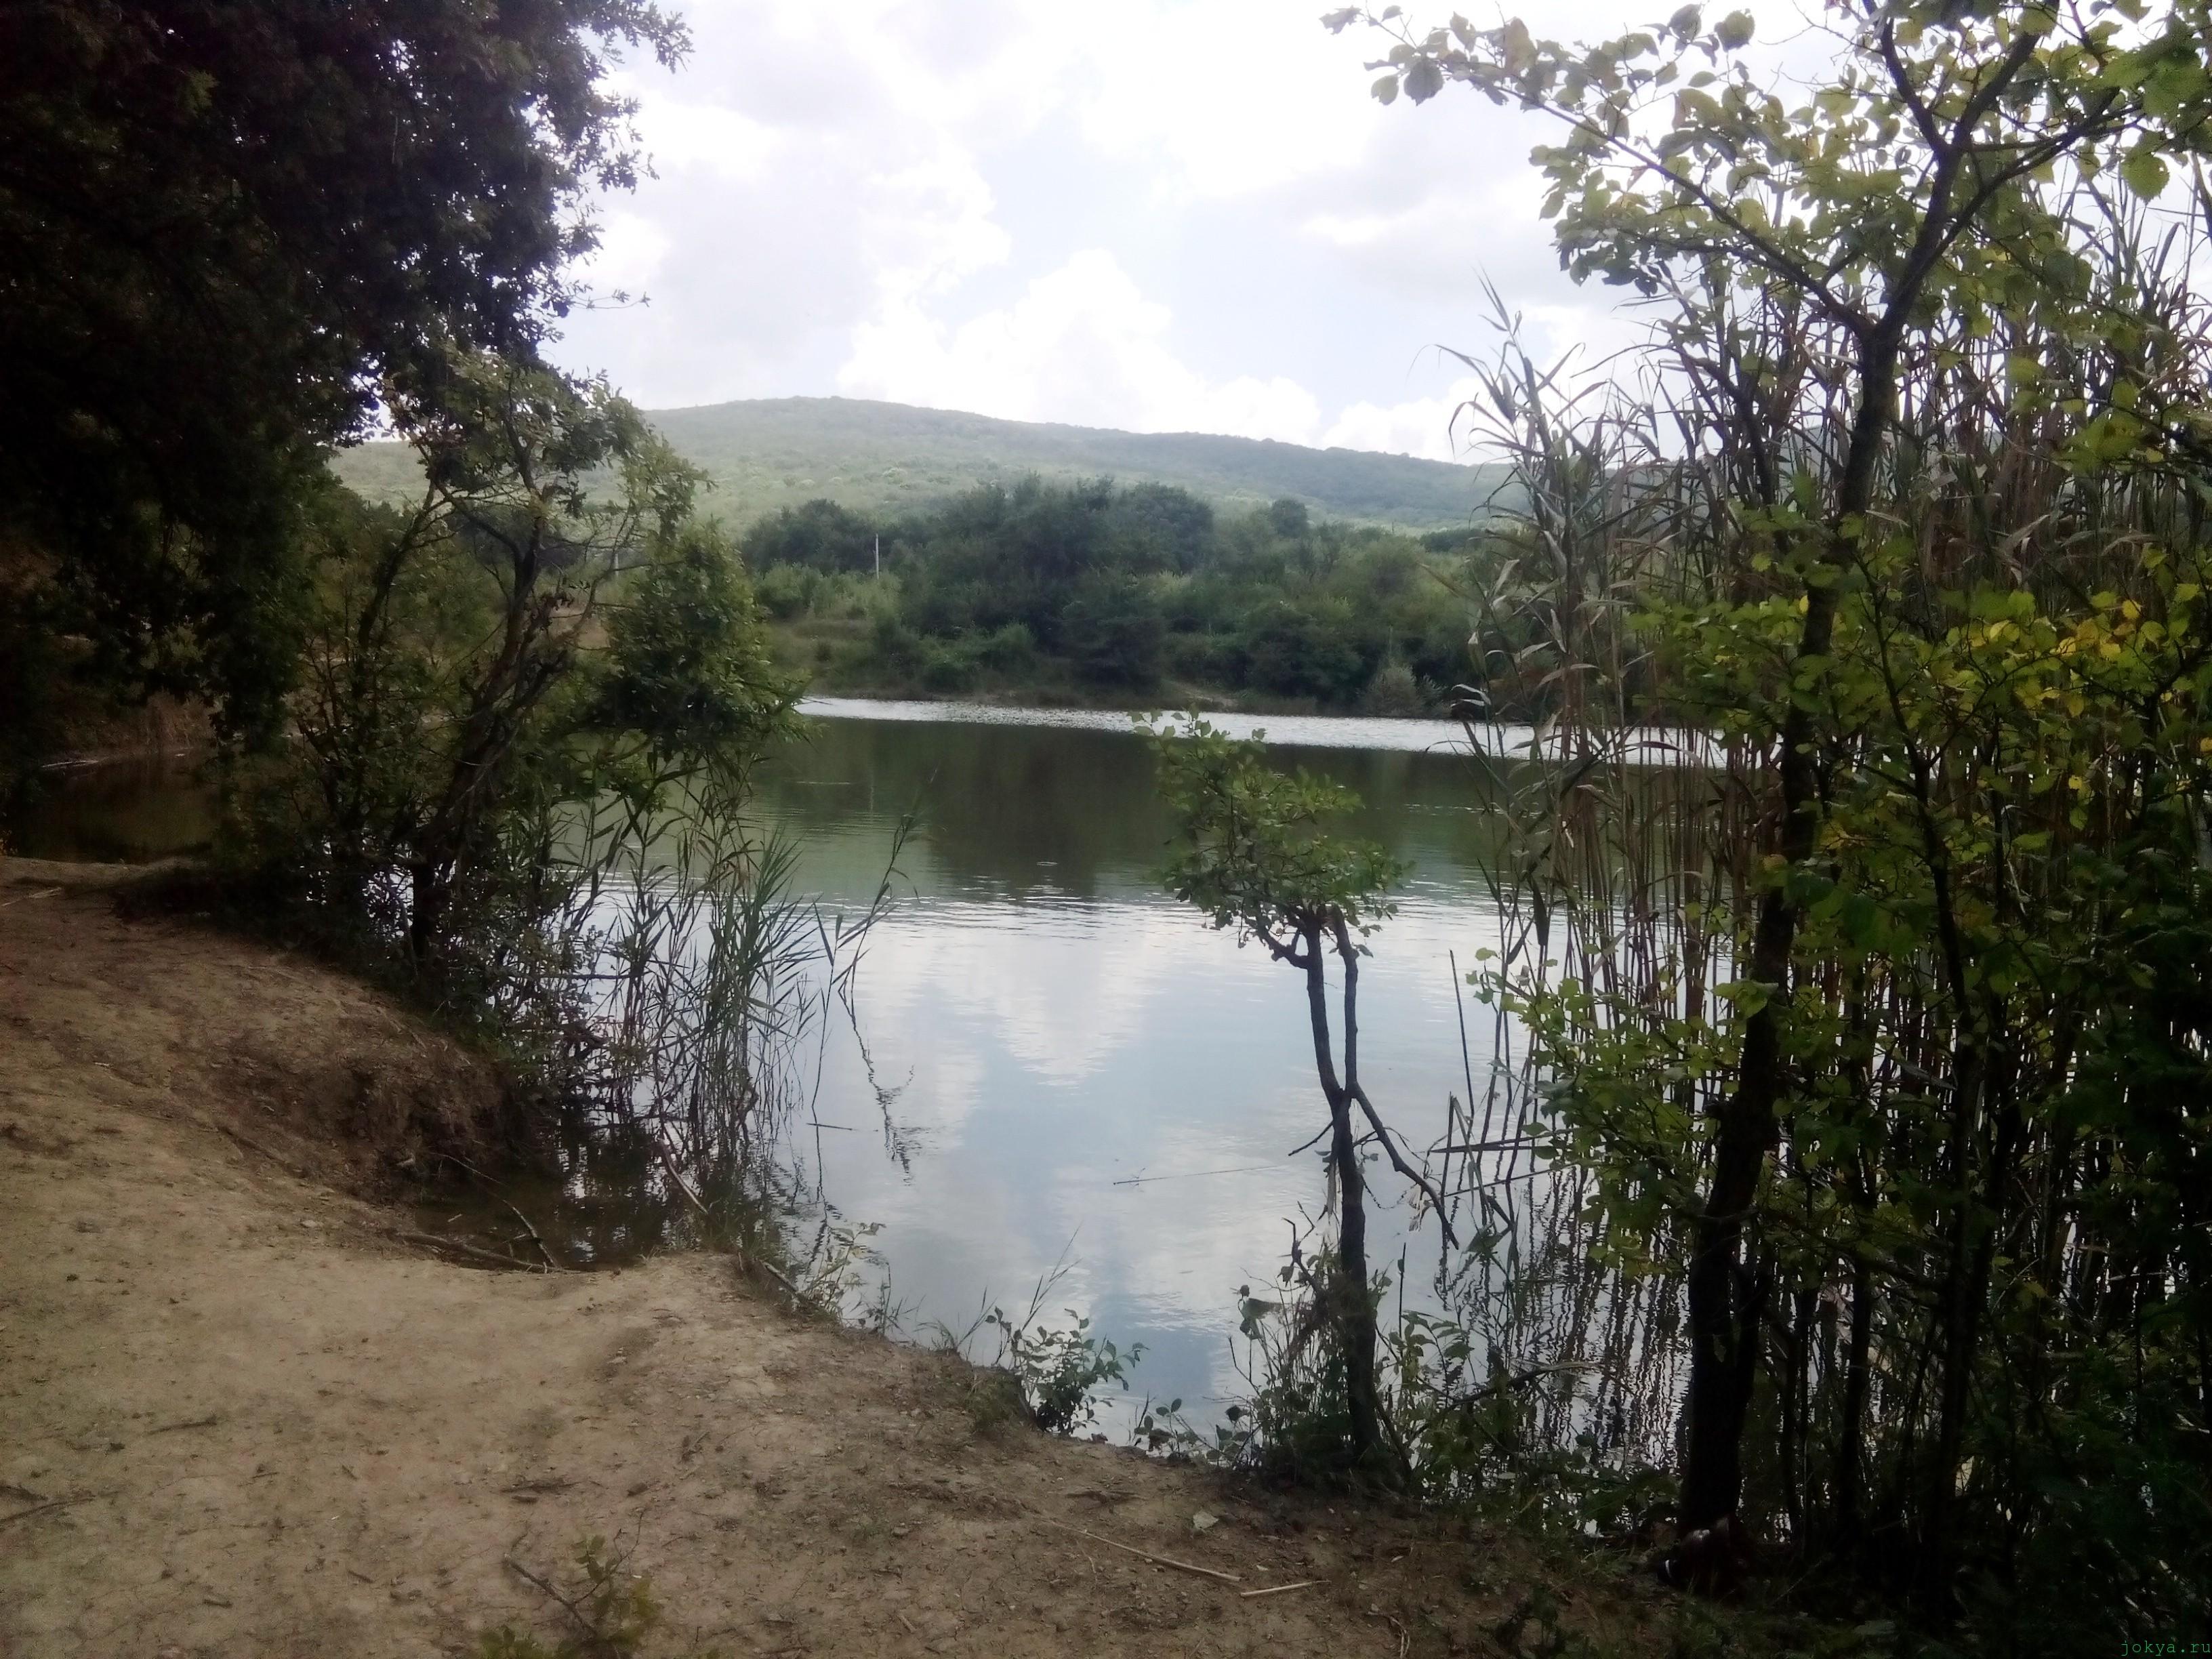 Пруд Ольховка в долине реки Танасу фото заметка о Крыме jokya.ru